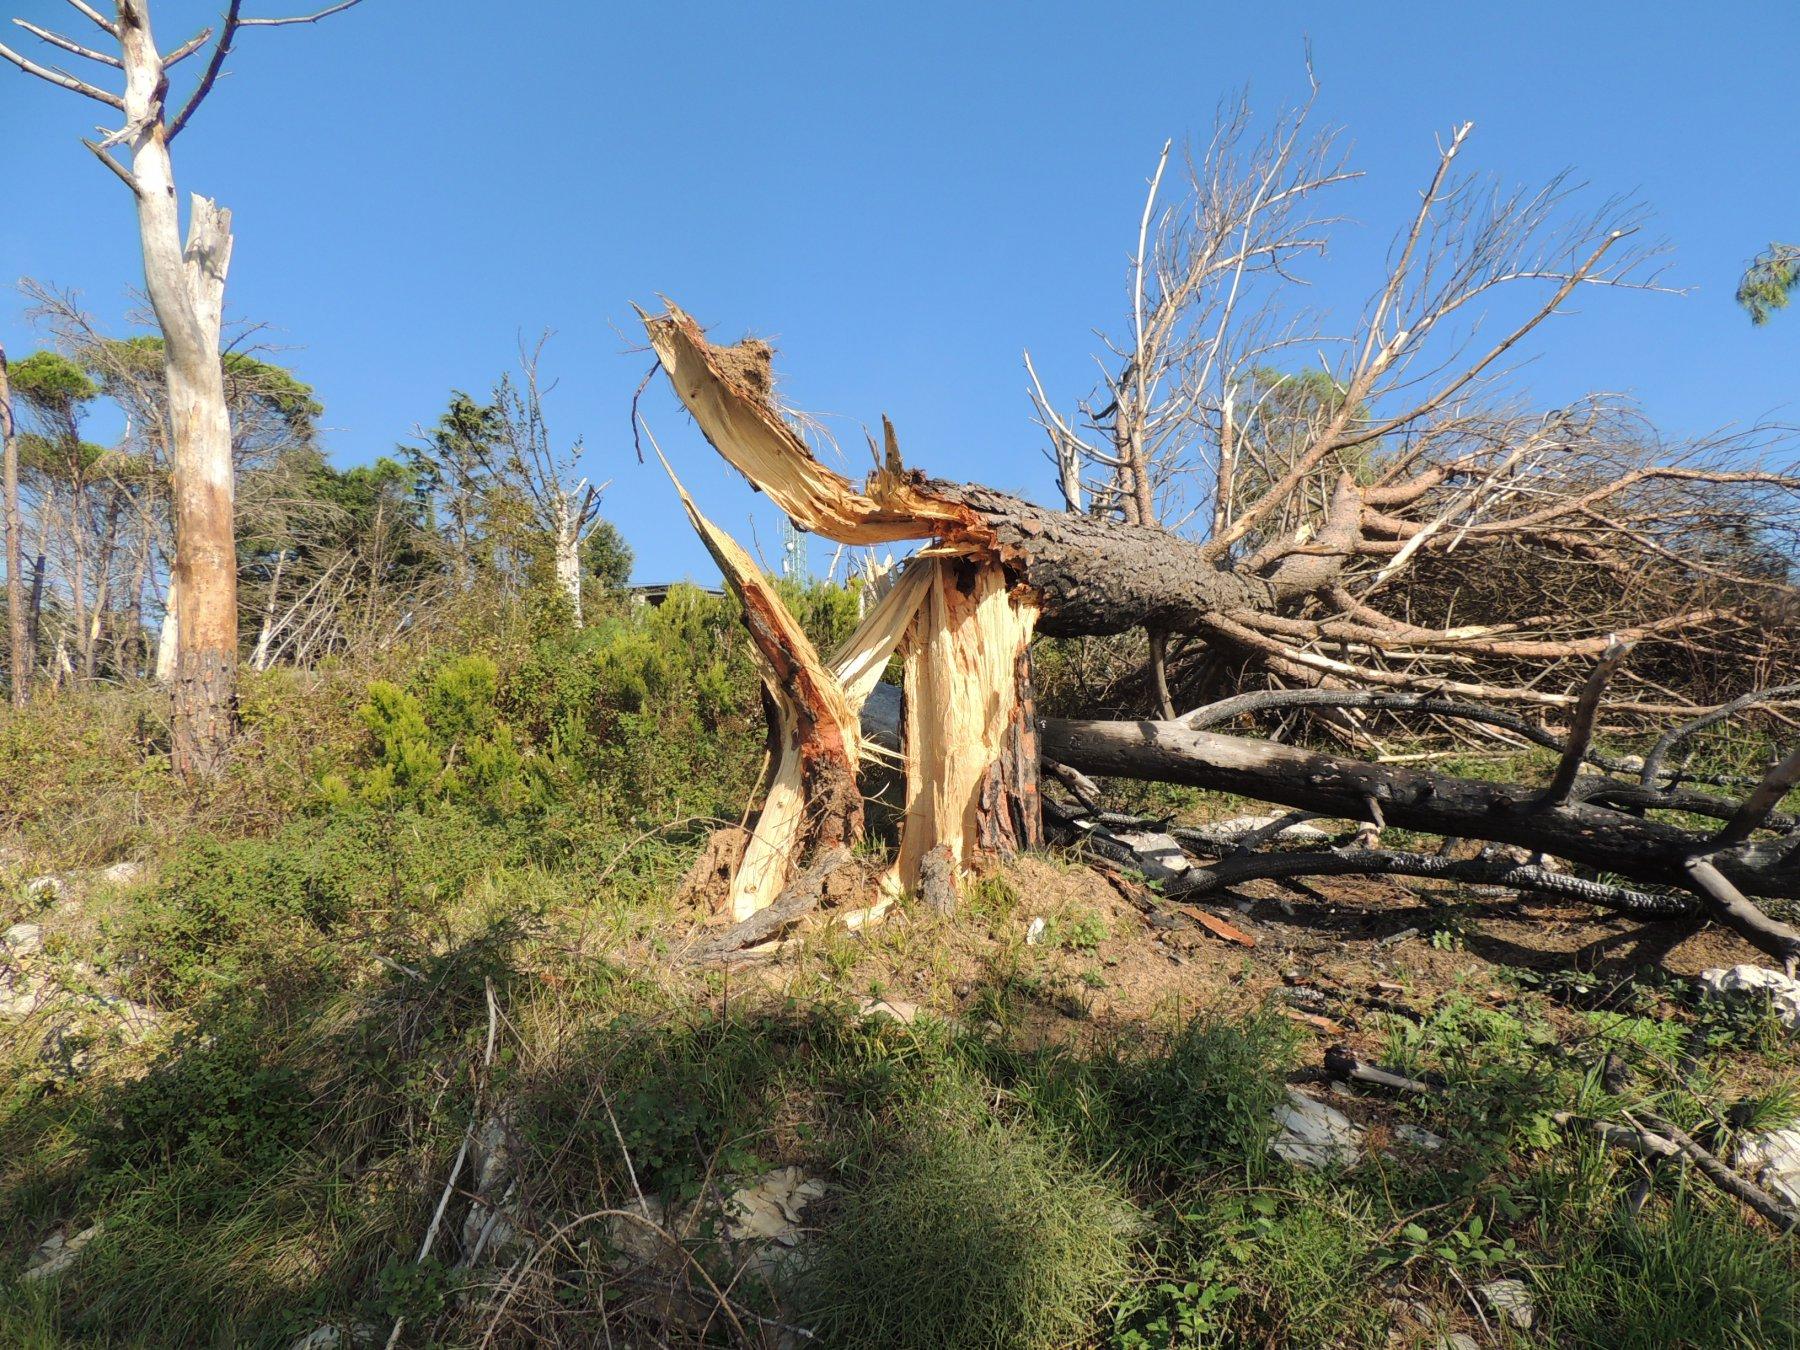 alberi distrutti dalla tromba